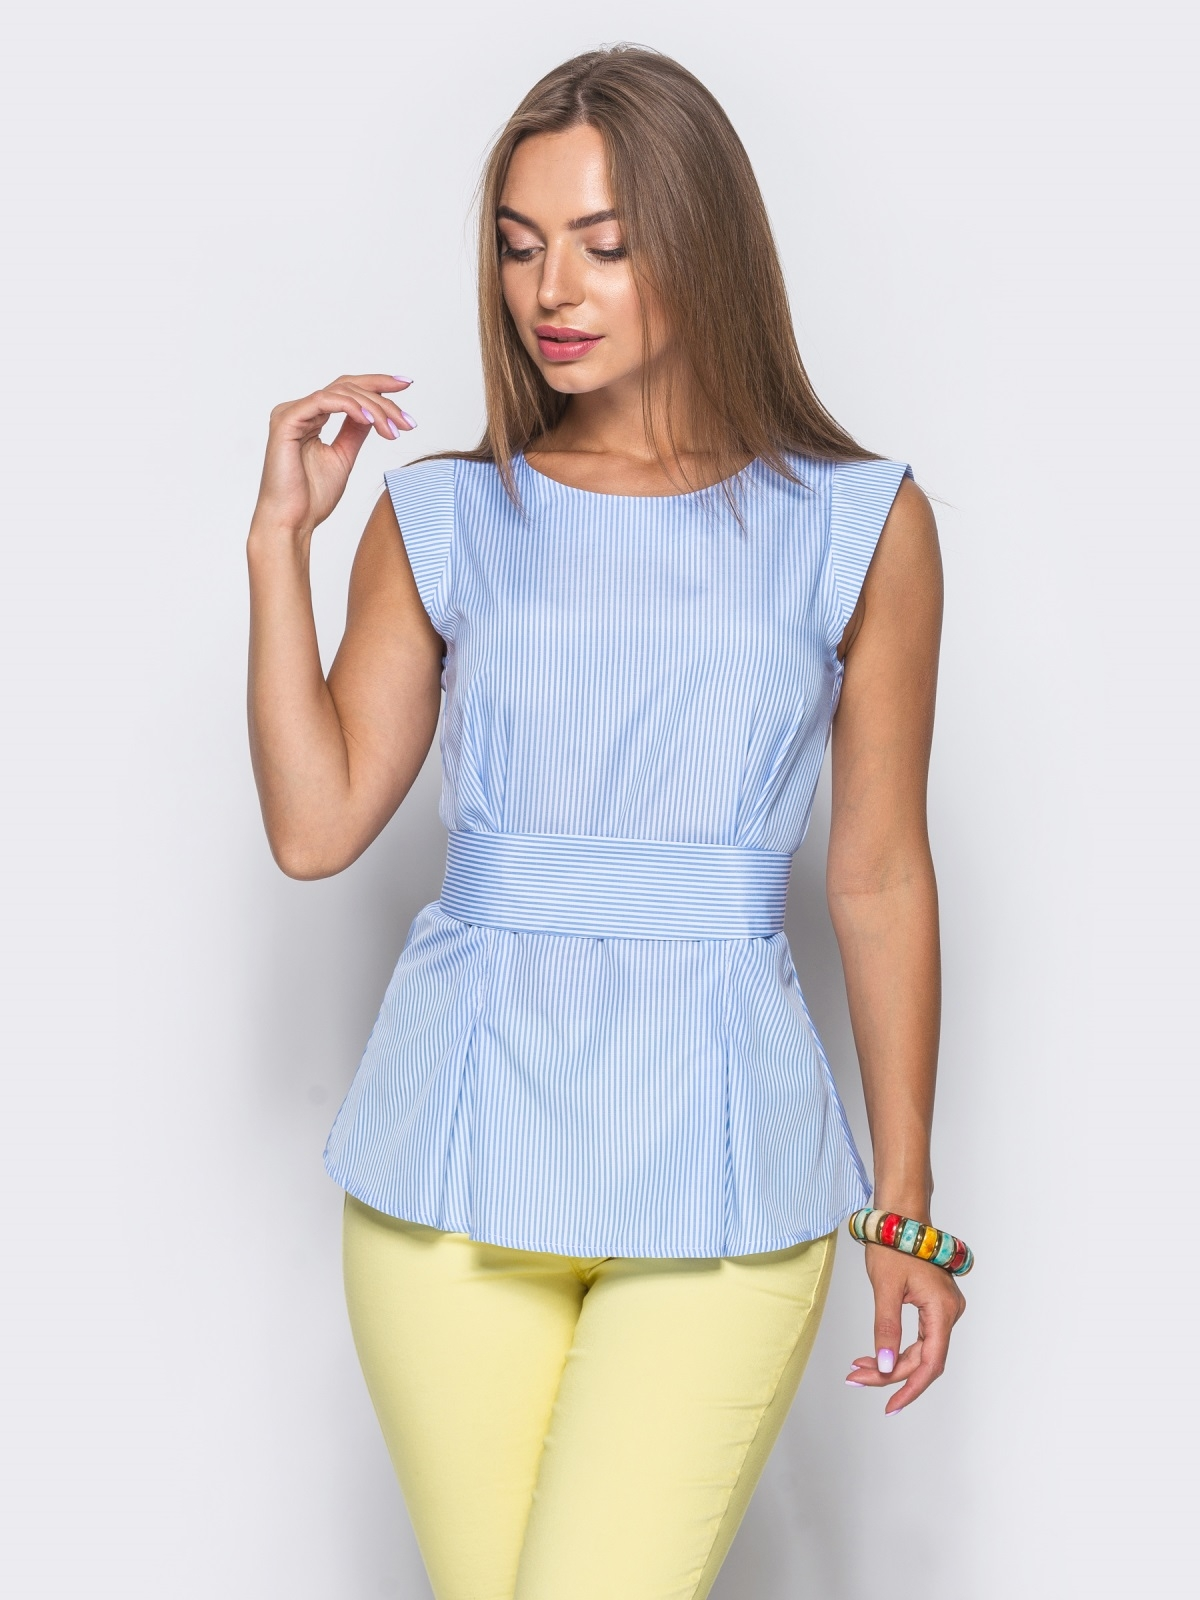 Блузка приталенного силуэта с молнией сзади голубая - 10216, фото 1 – интернет-магазин Dressa